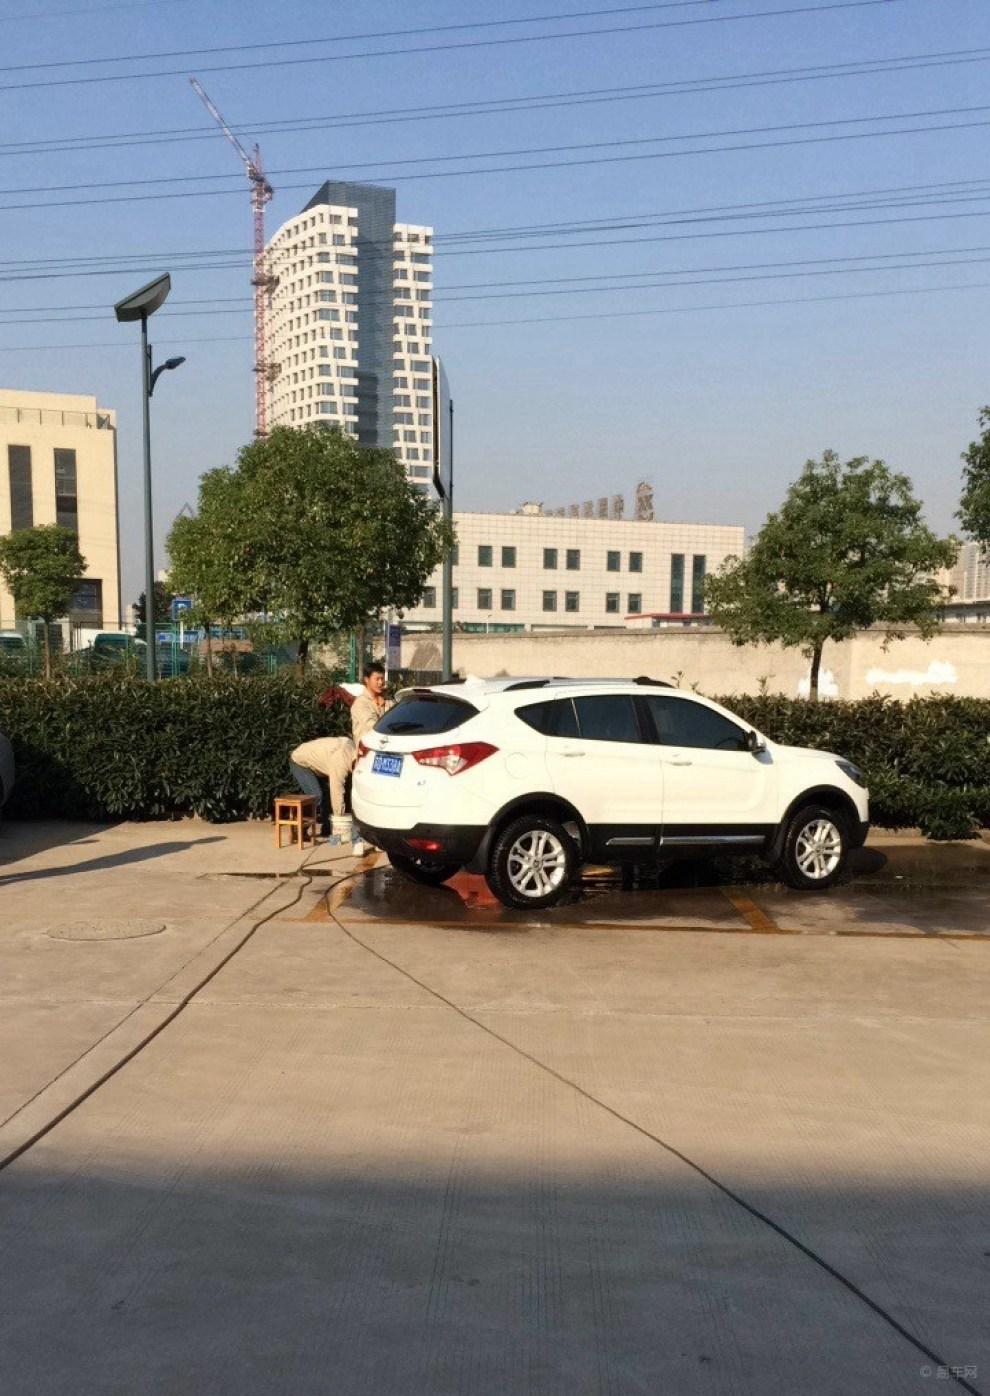 常州海马S5分队老刘白聘S5全车镀晶 -海马S5论坛图片集锦高清图片